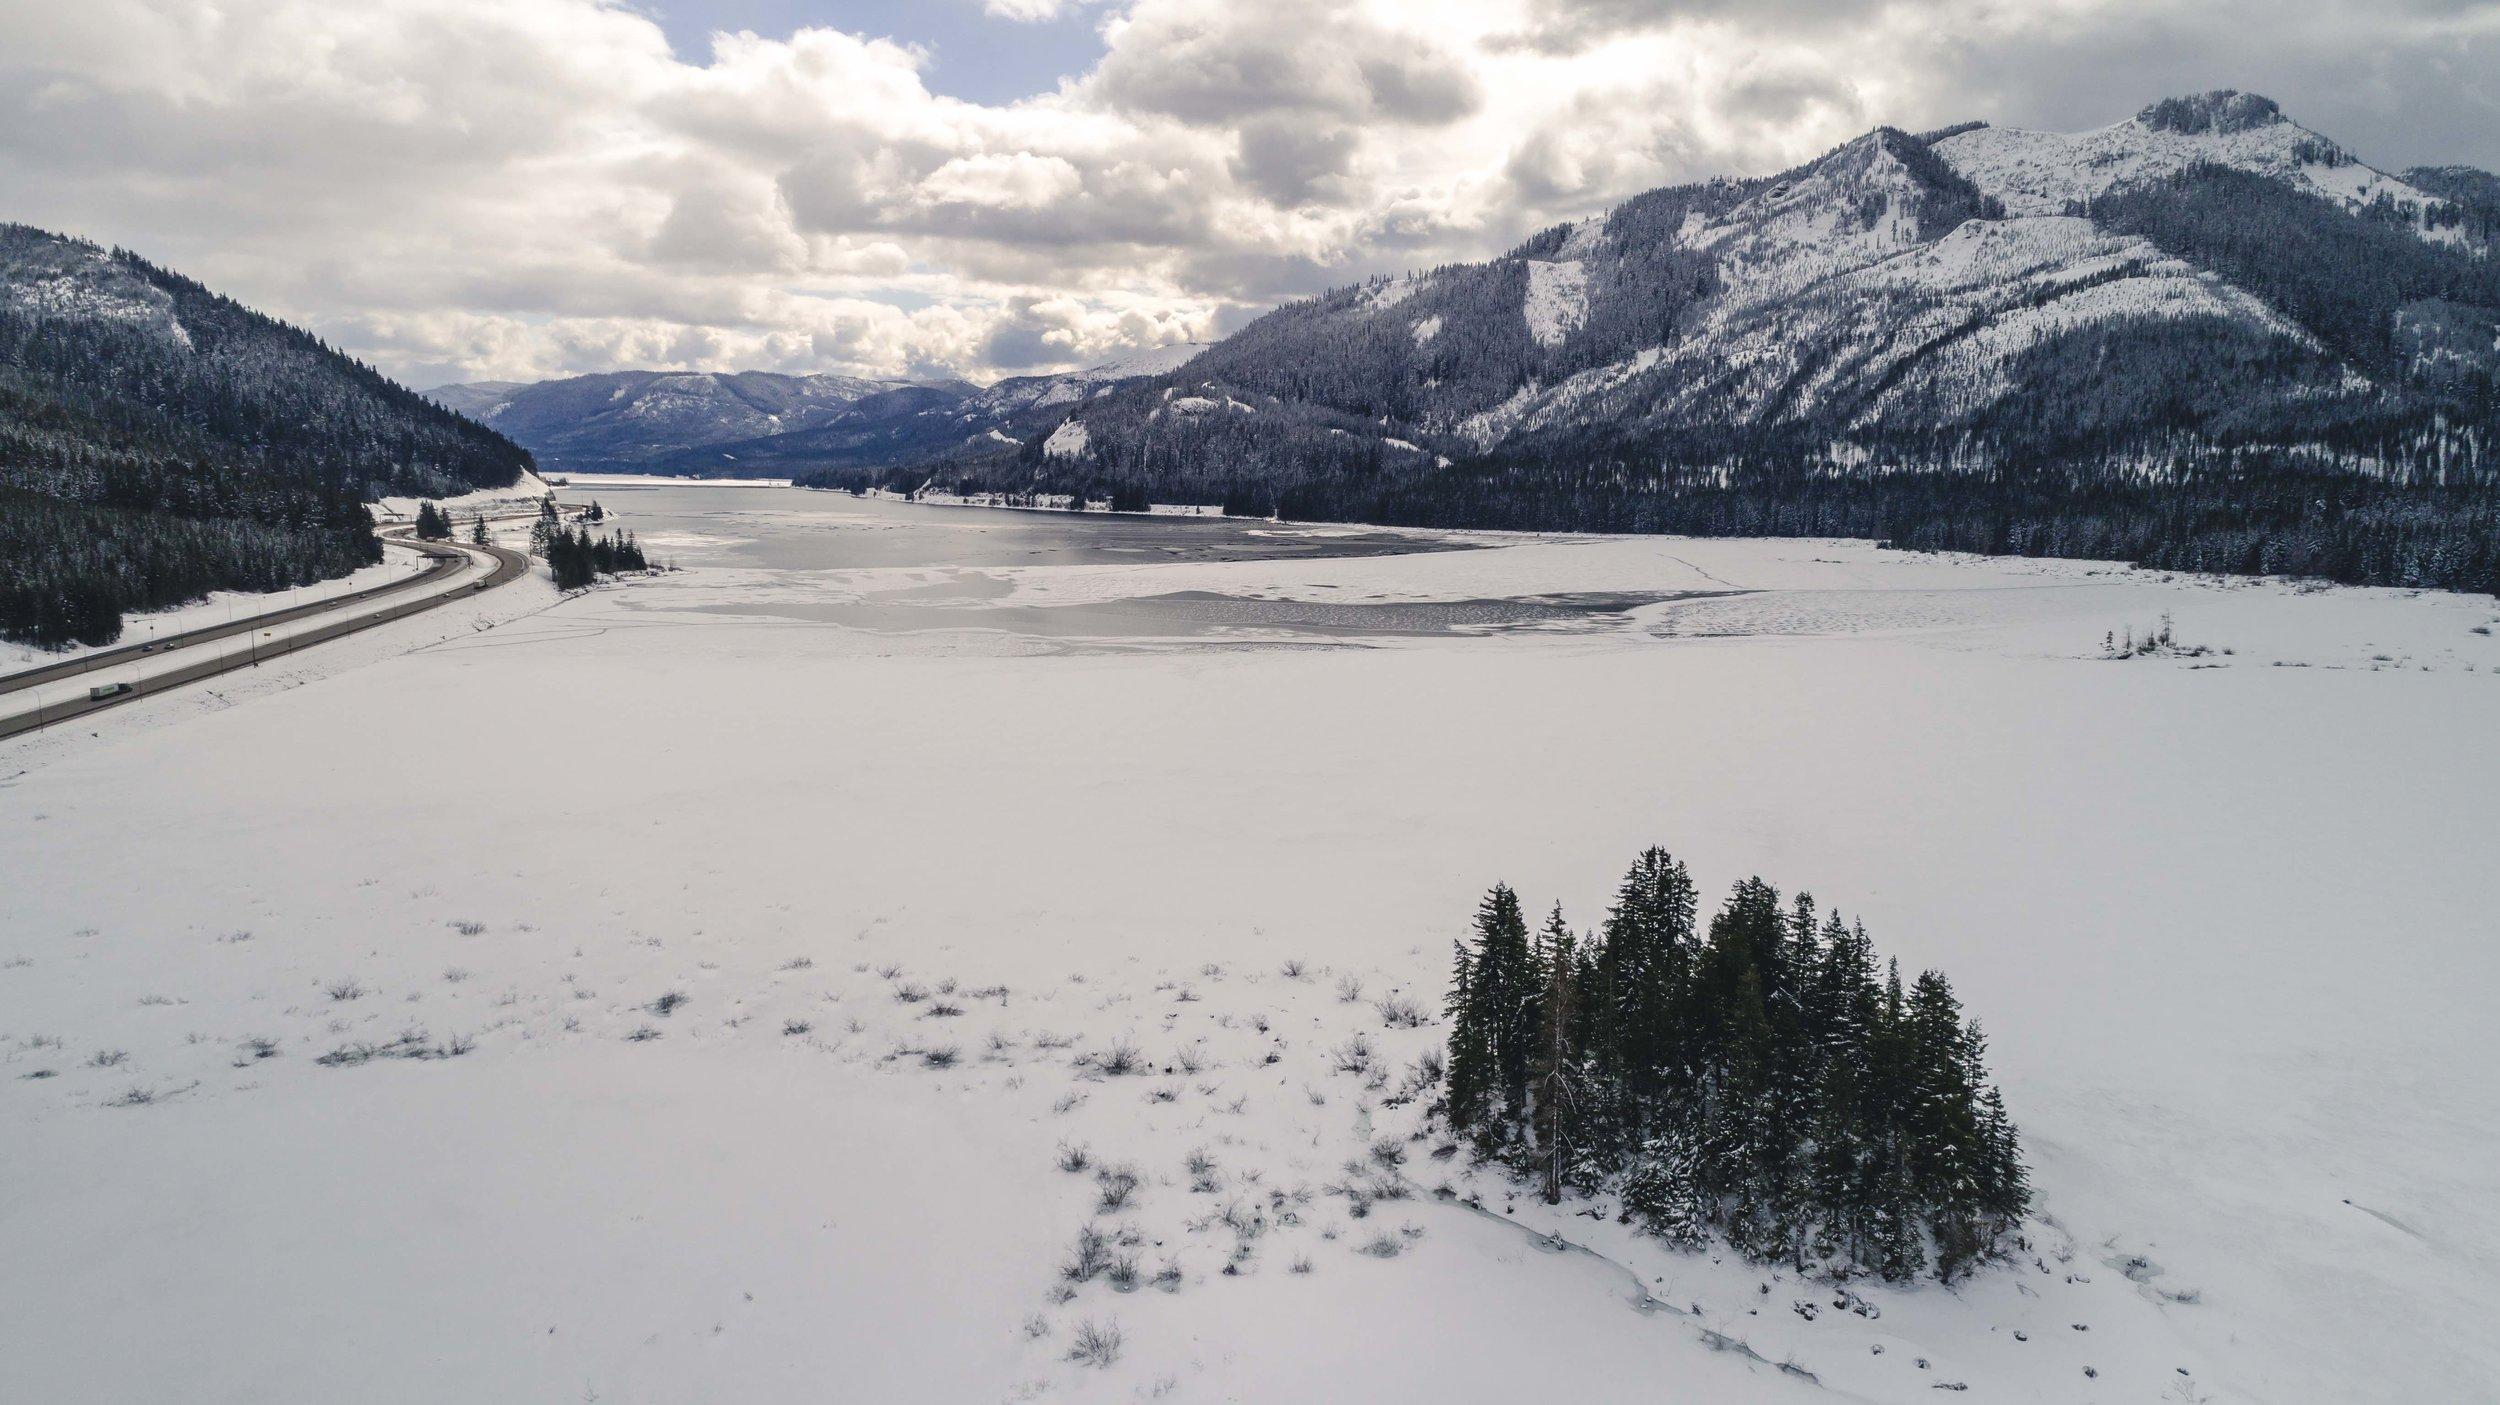 Snowy_Frozen_Keechelus_Lake_in_Pacific_Northwest_WEB.jpg